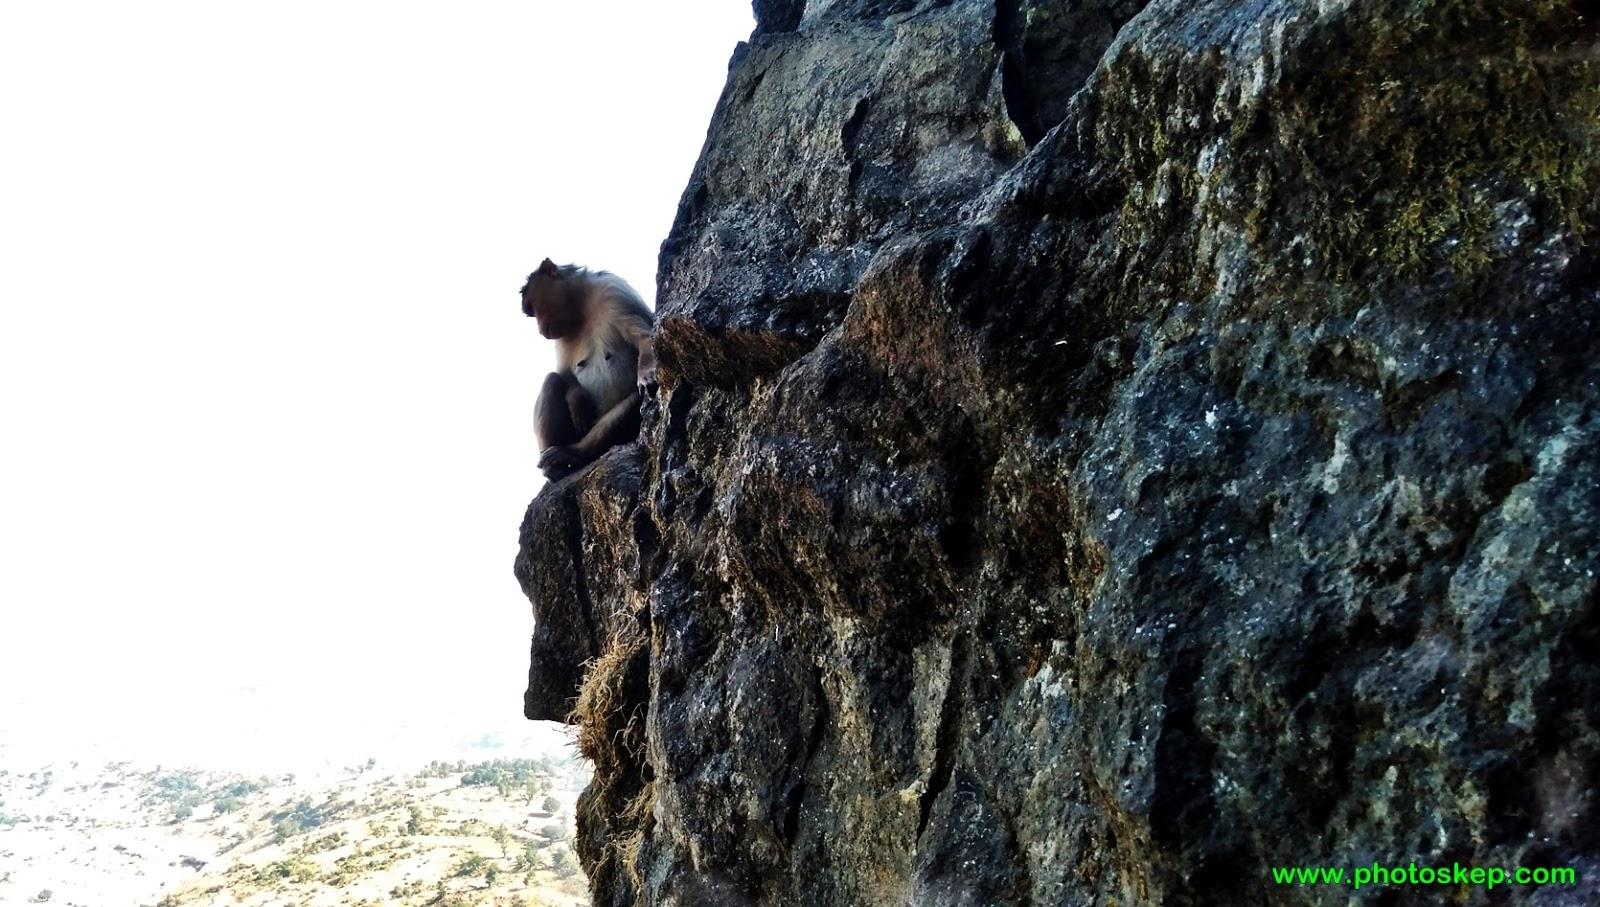 mountain-hills-photo-pictures-wallpaper-images-brahmagiri-hills-Nashik-trimbakeshwar-monkey